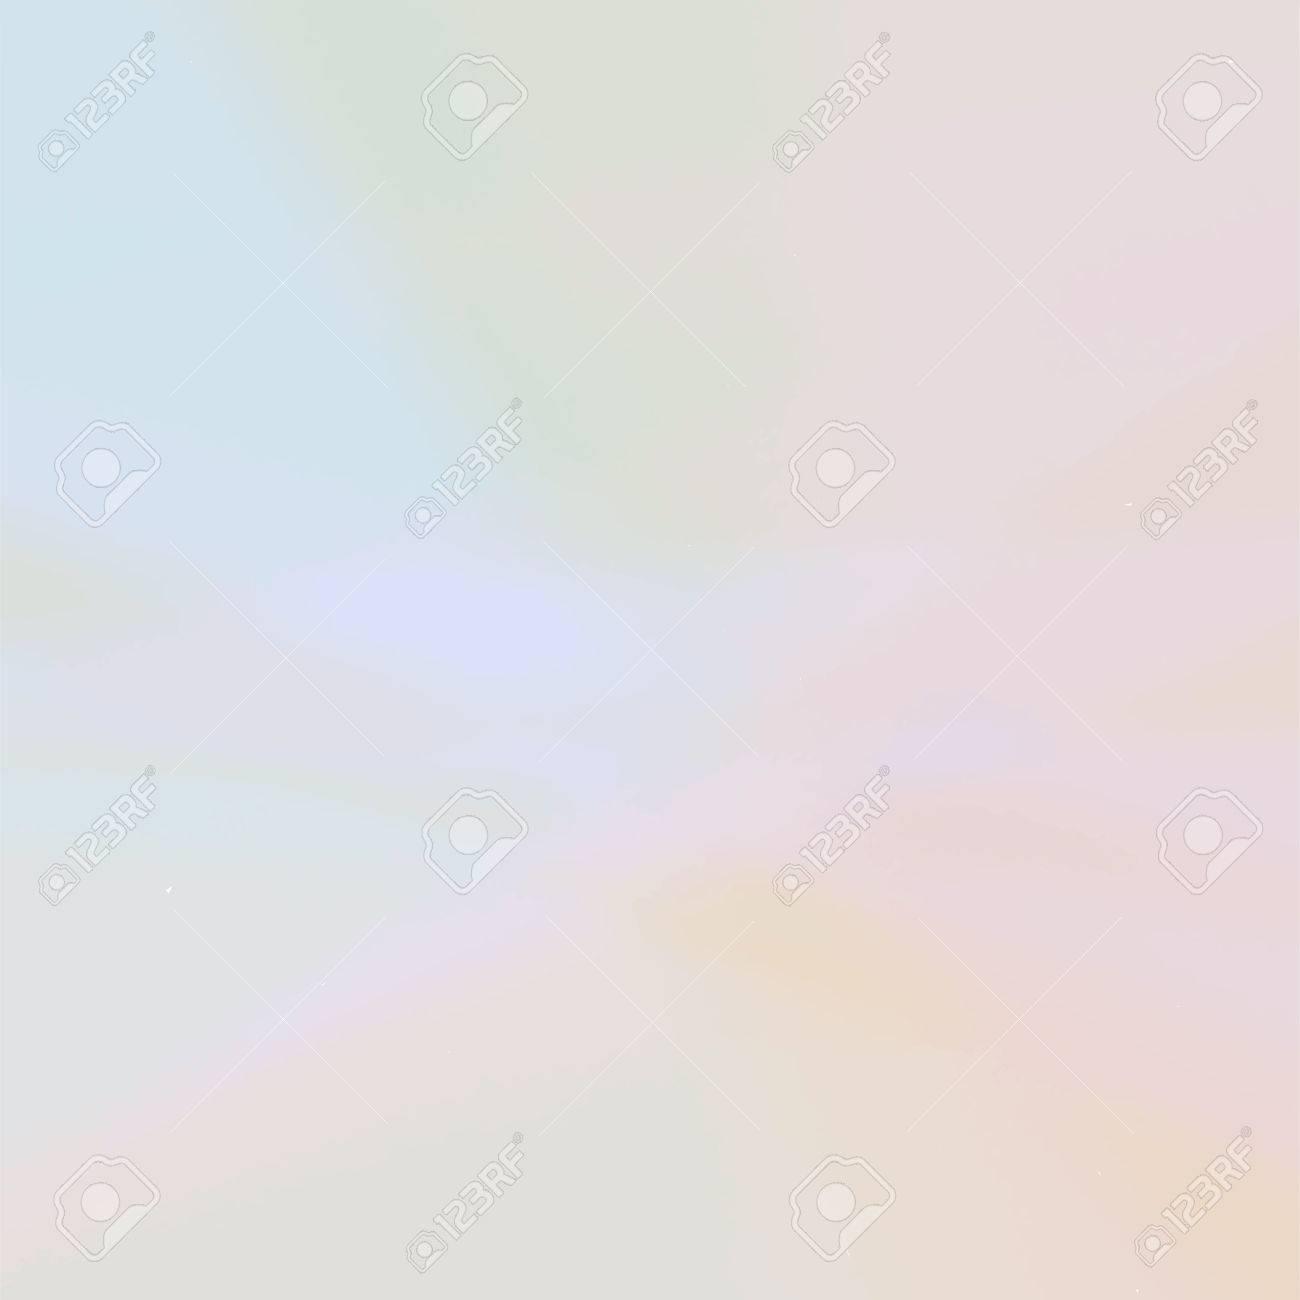 Fondo Abstracto Suave En Colores Pastel Claros Fondo De Pantalla De